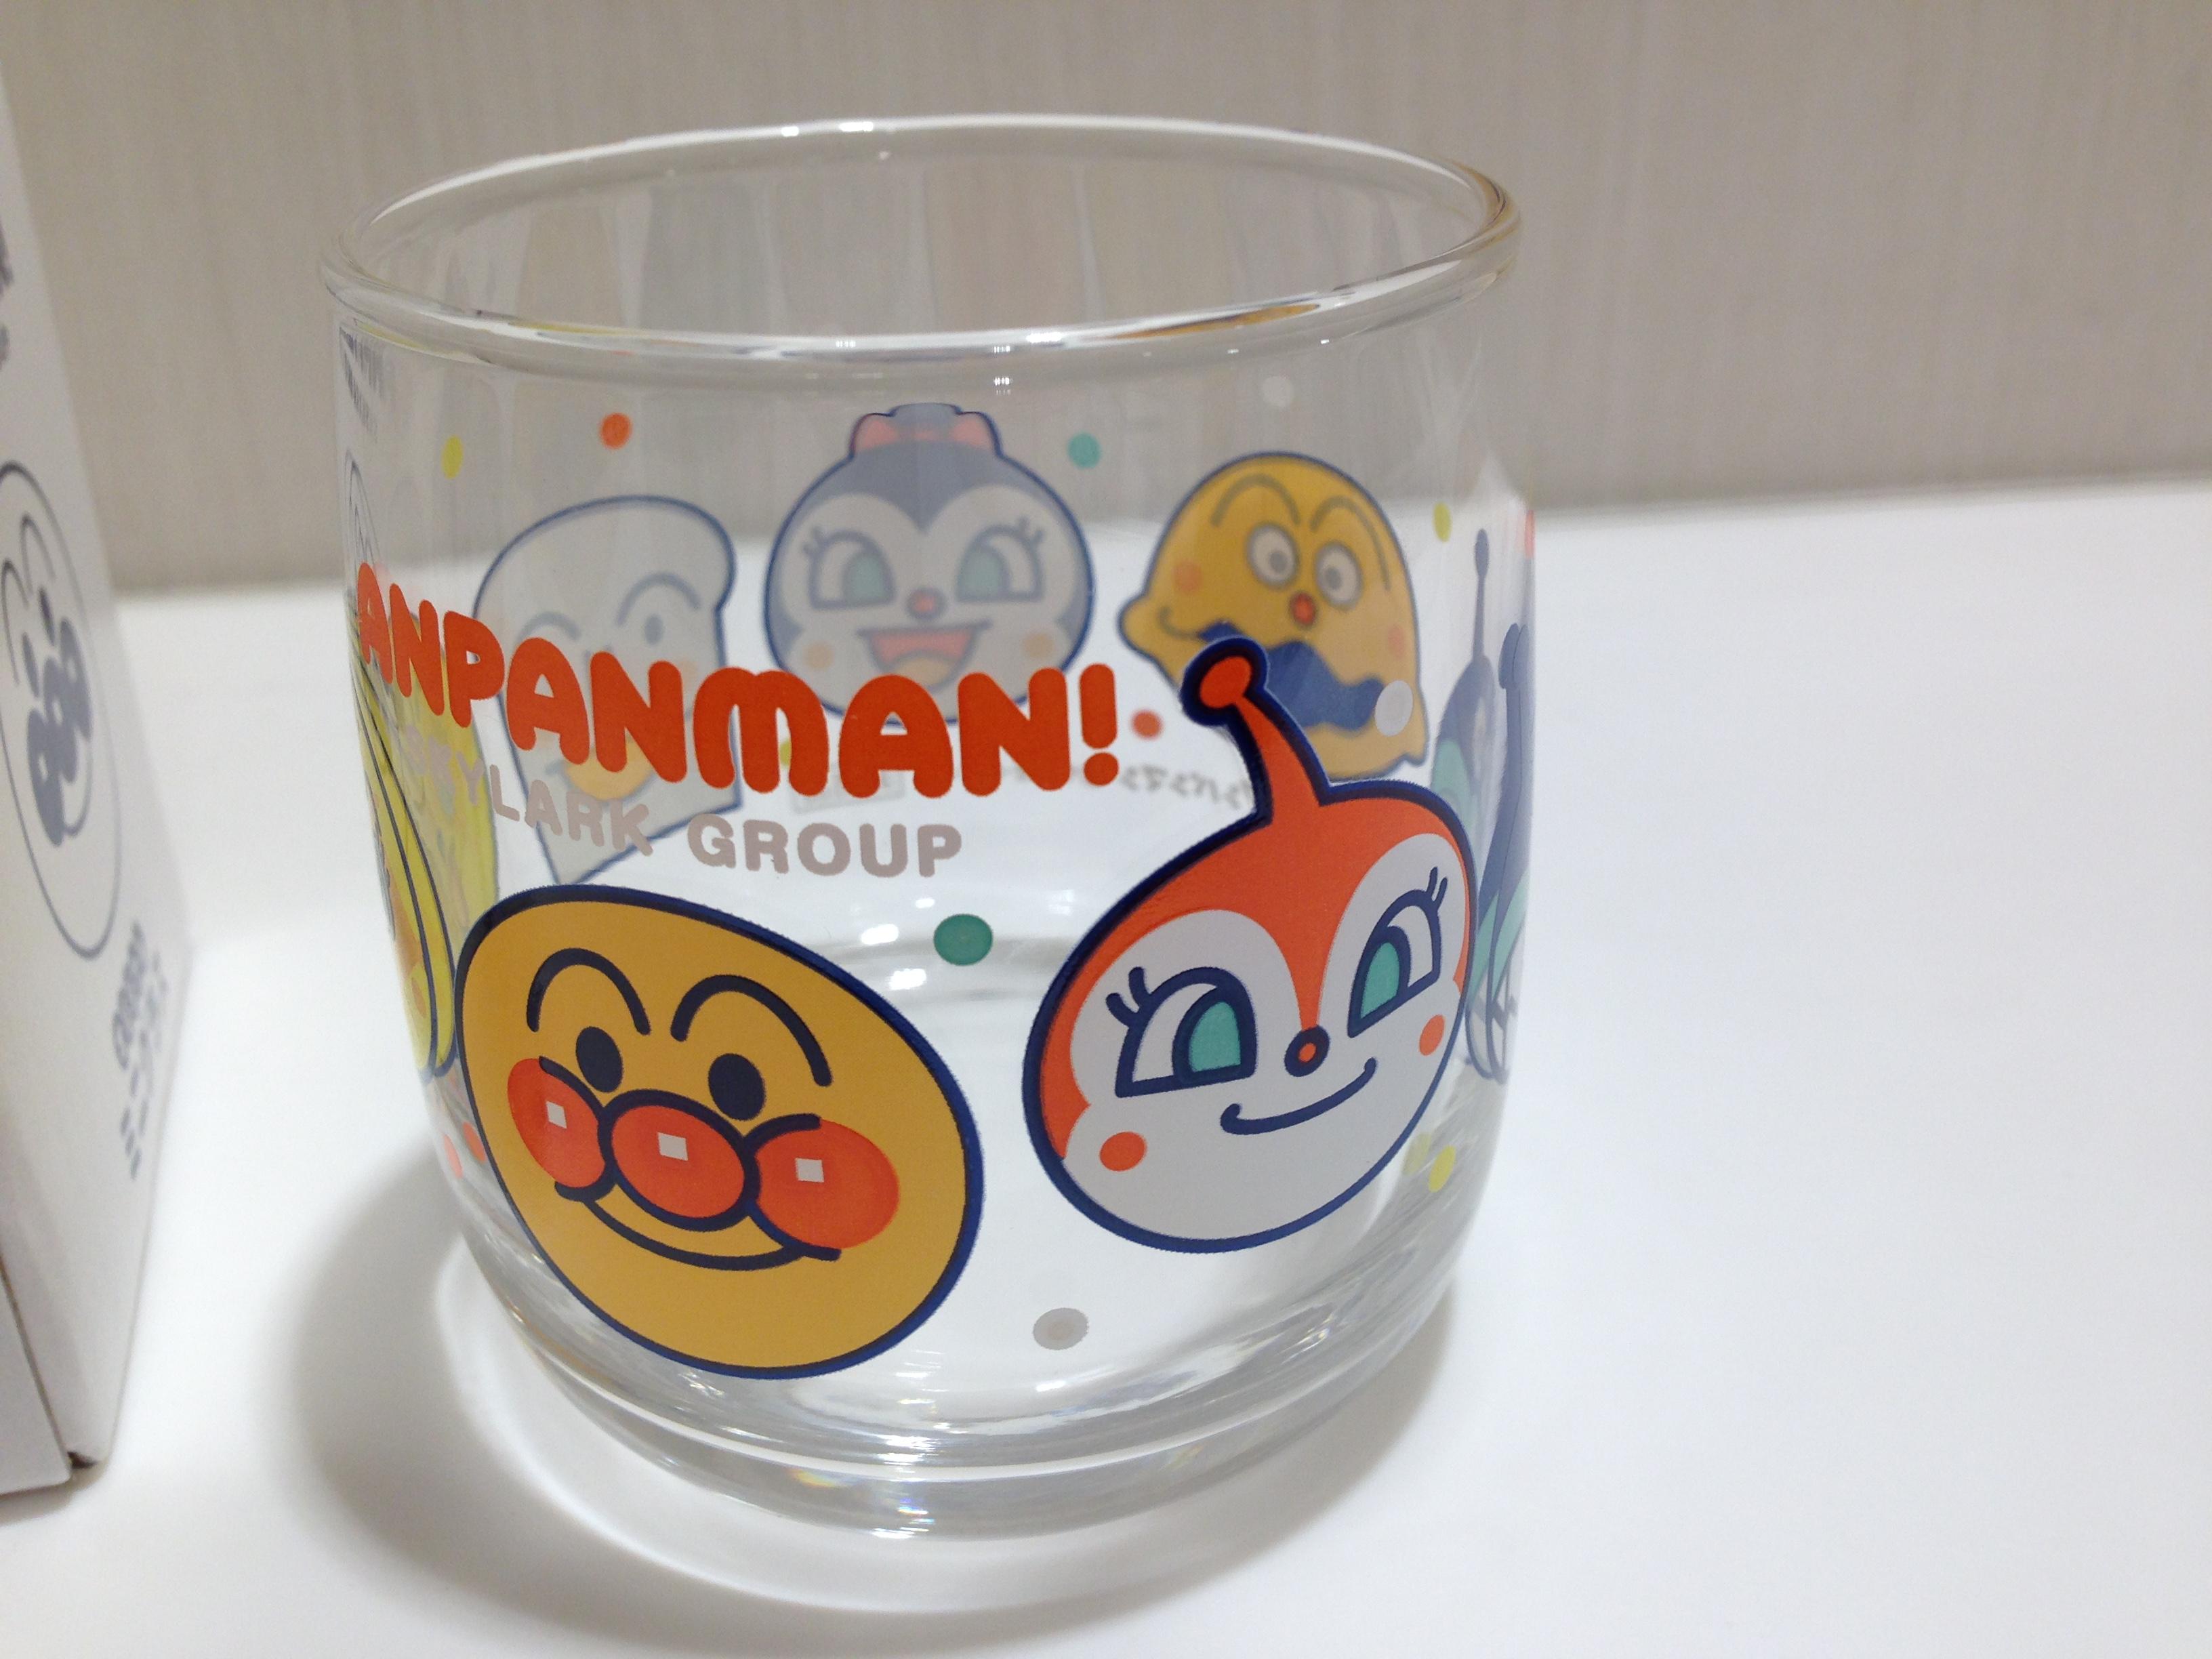 すかいらーくグループでアンパンマングッズが貰える!キッズメニューも豊富で子連れに嬉しい